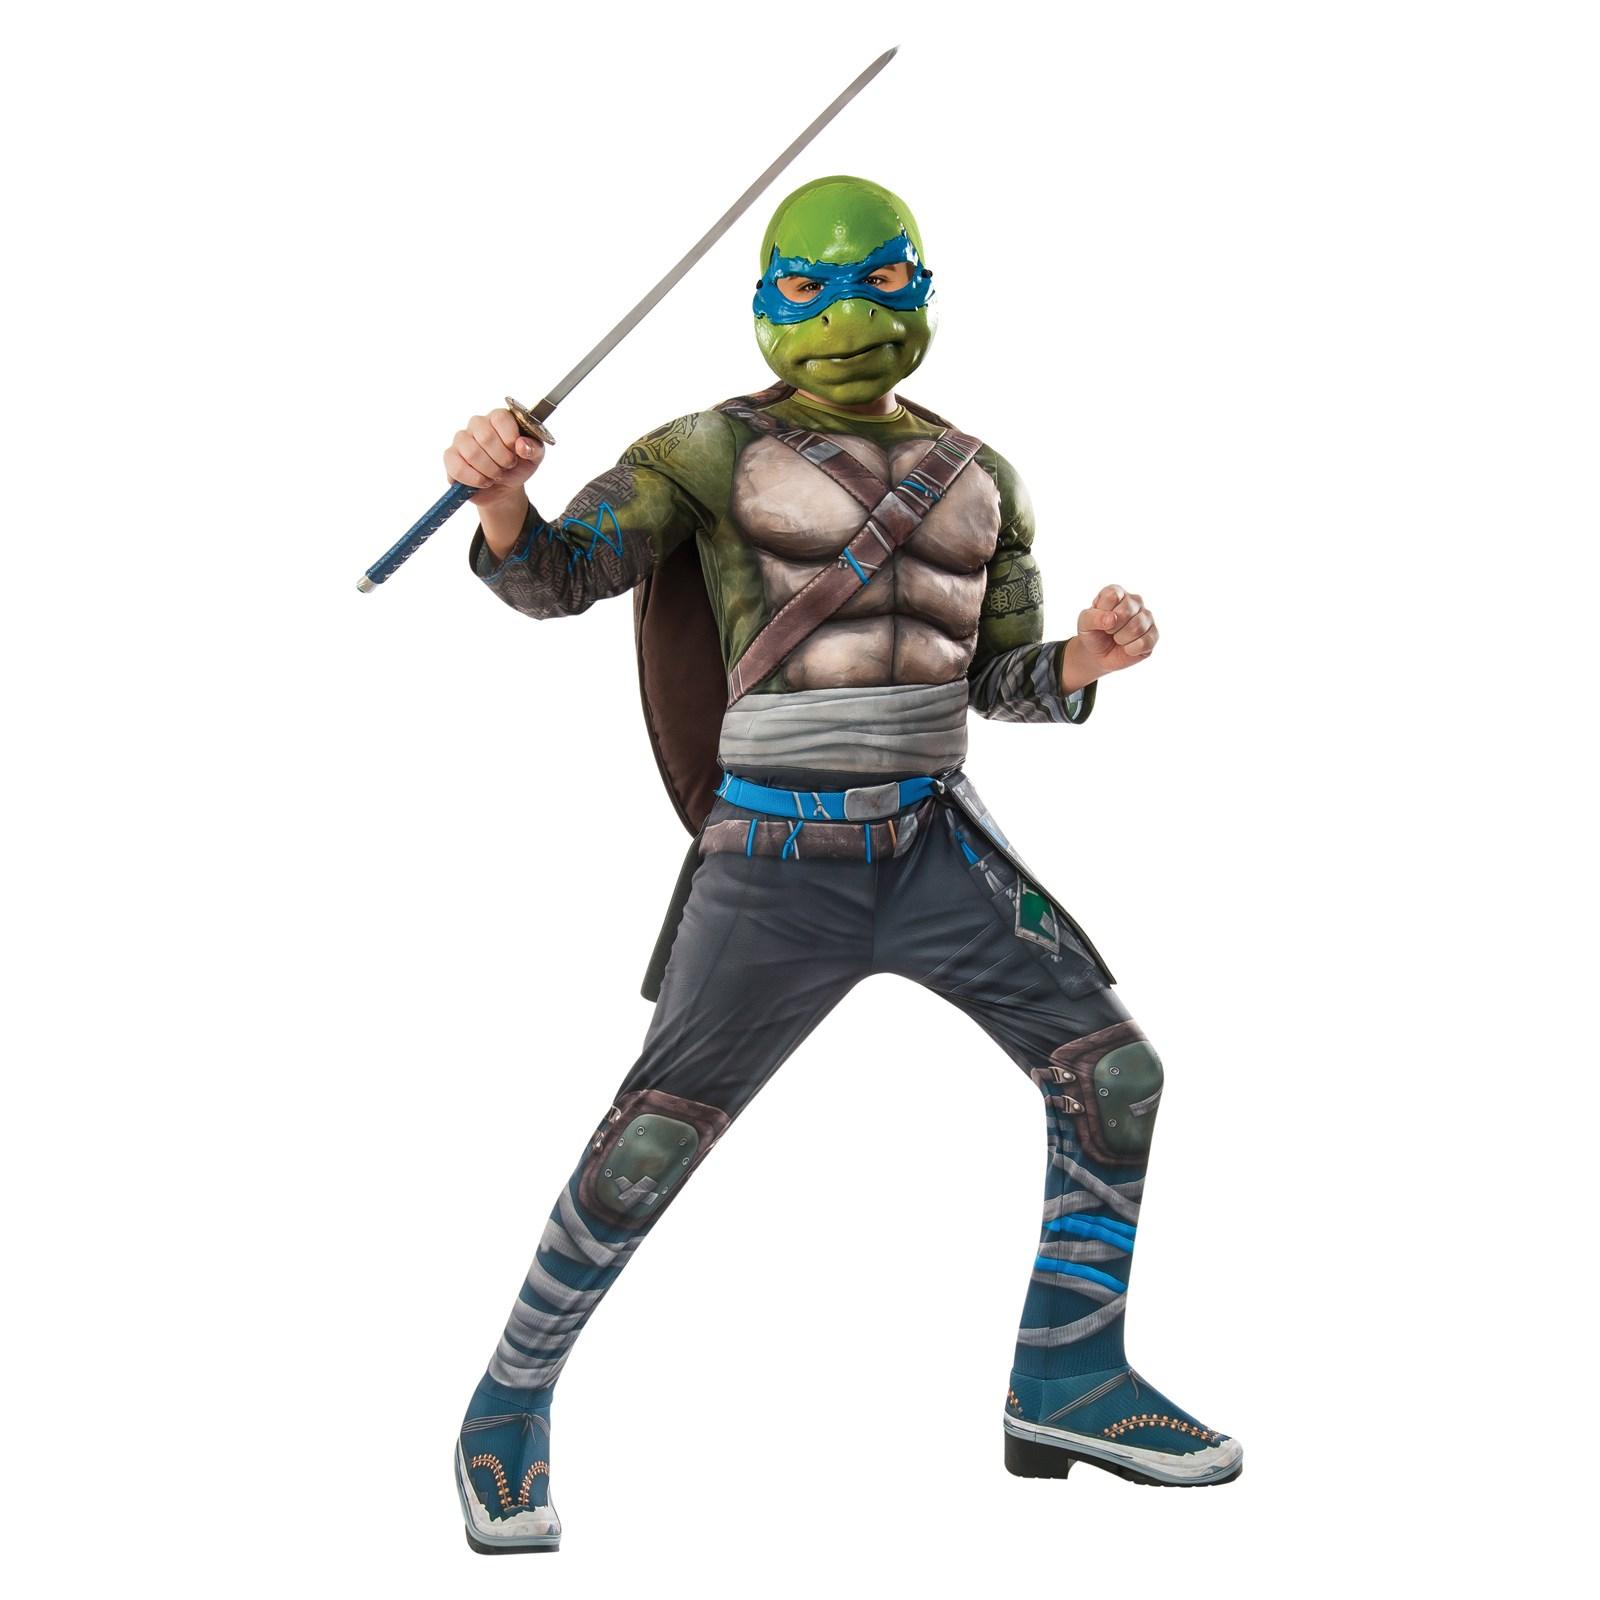 Teenage mutant ninja turtles movie costumes